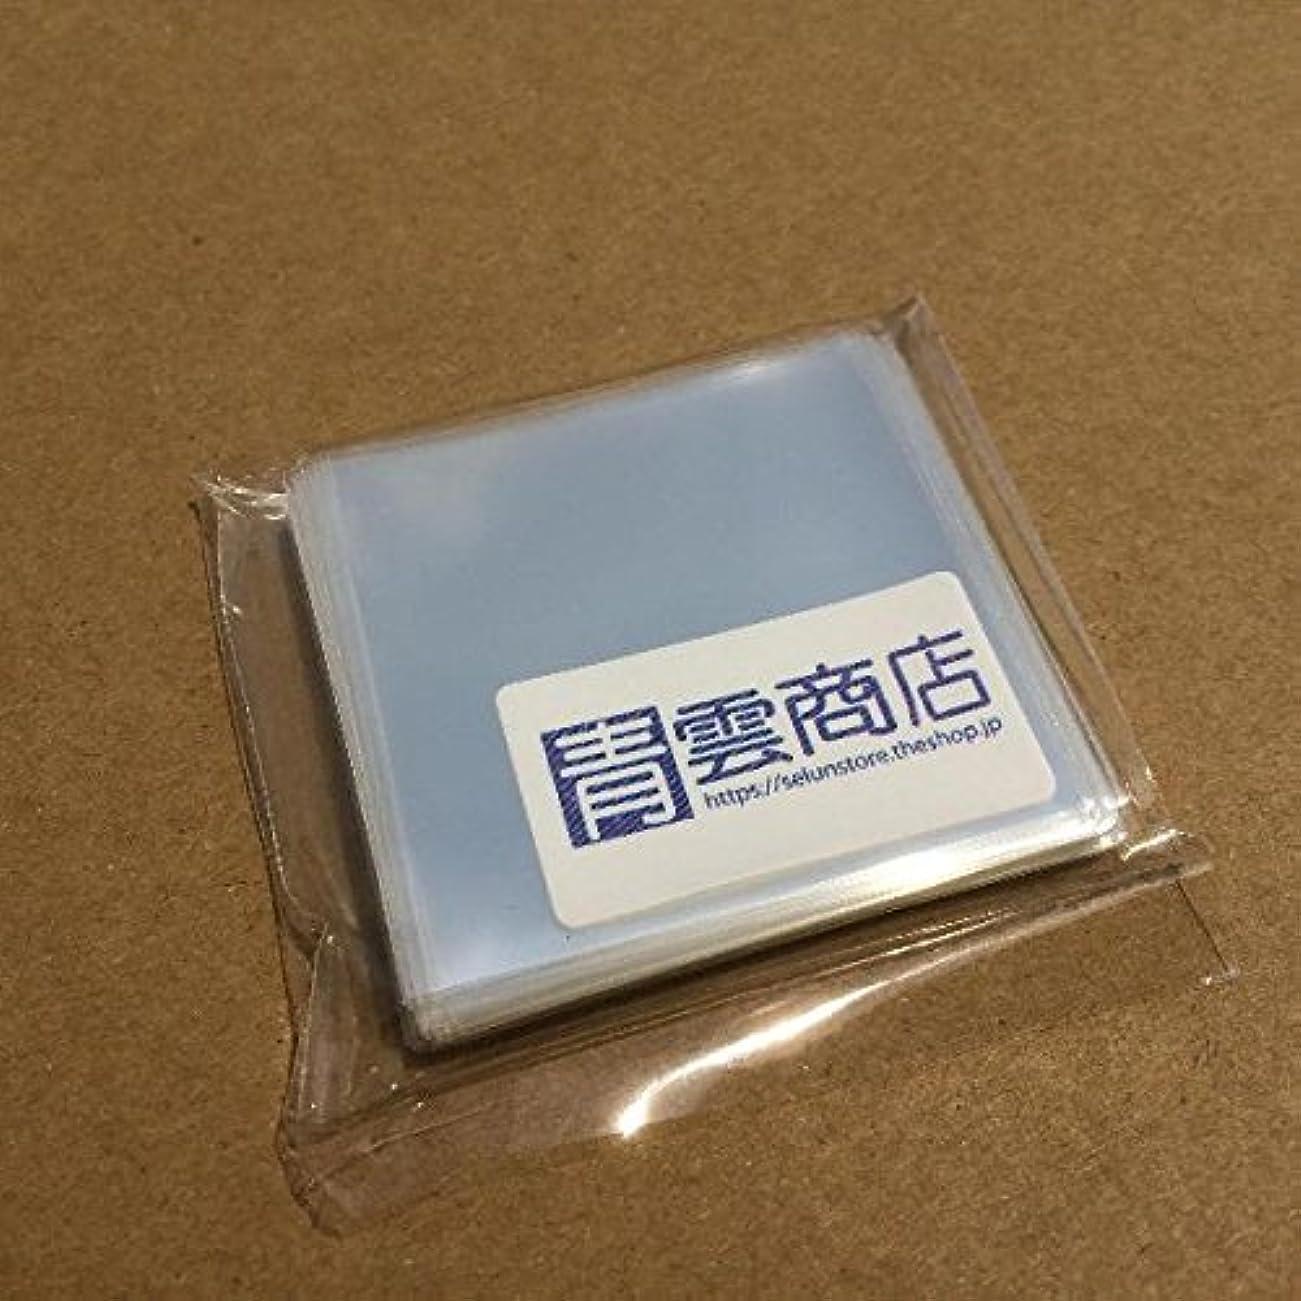 技術者一般化するティッシュナカバヤシ メモリアルベビーボックス ブルー BMB-301-B